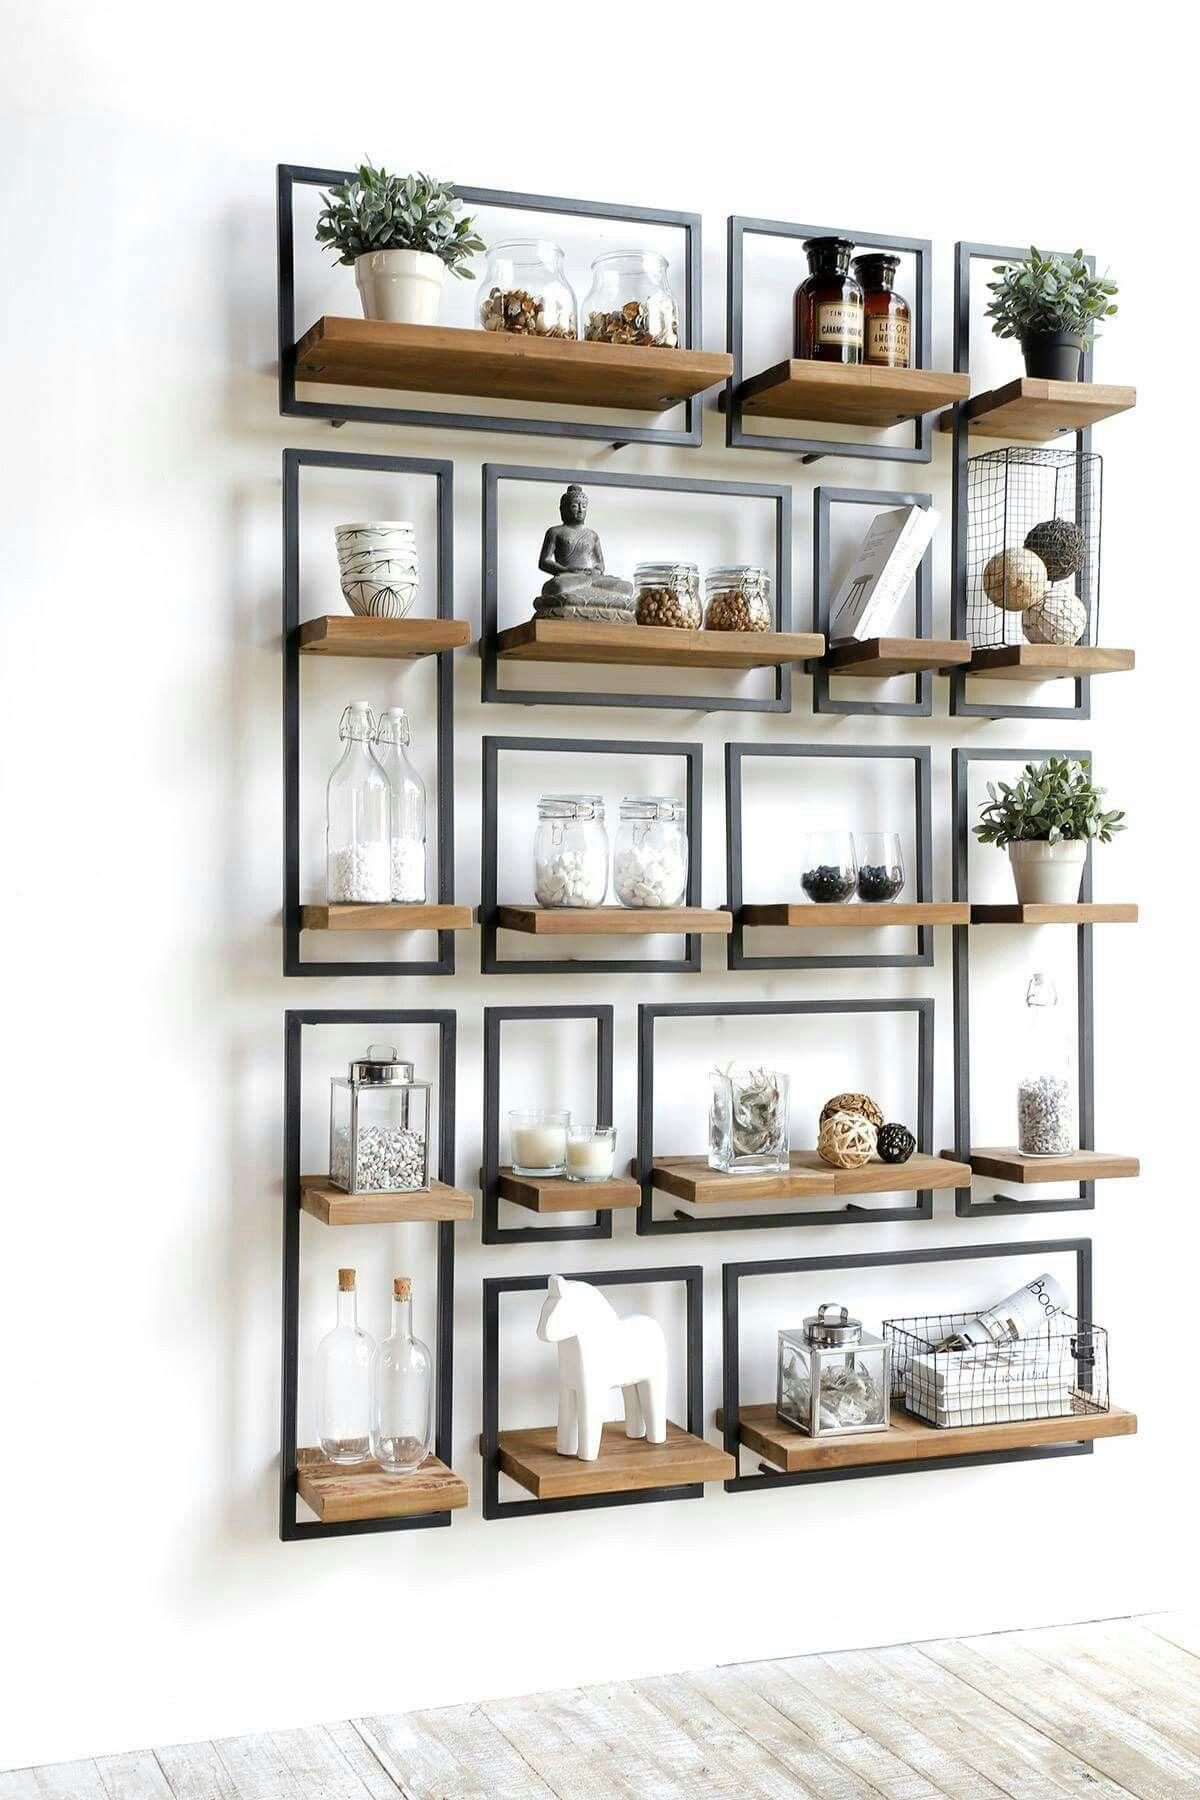 Idee Per Posizionare Mensole ahşap mobilya.. (con immagini) | arredamento casa, idee per